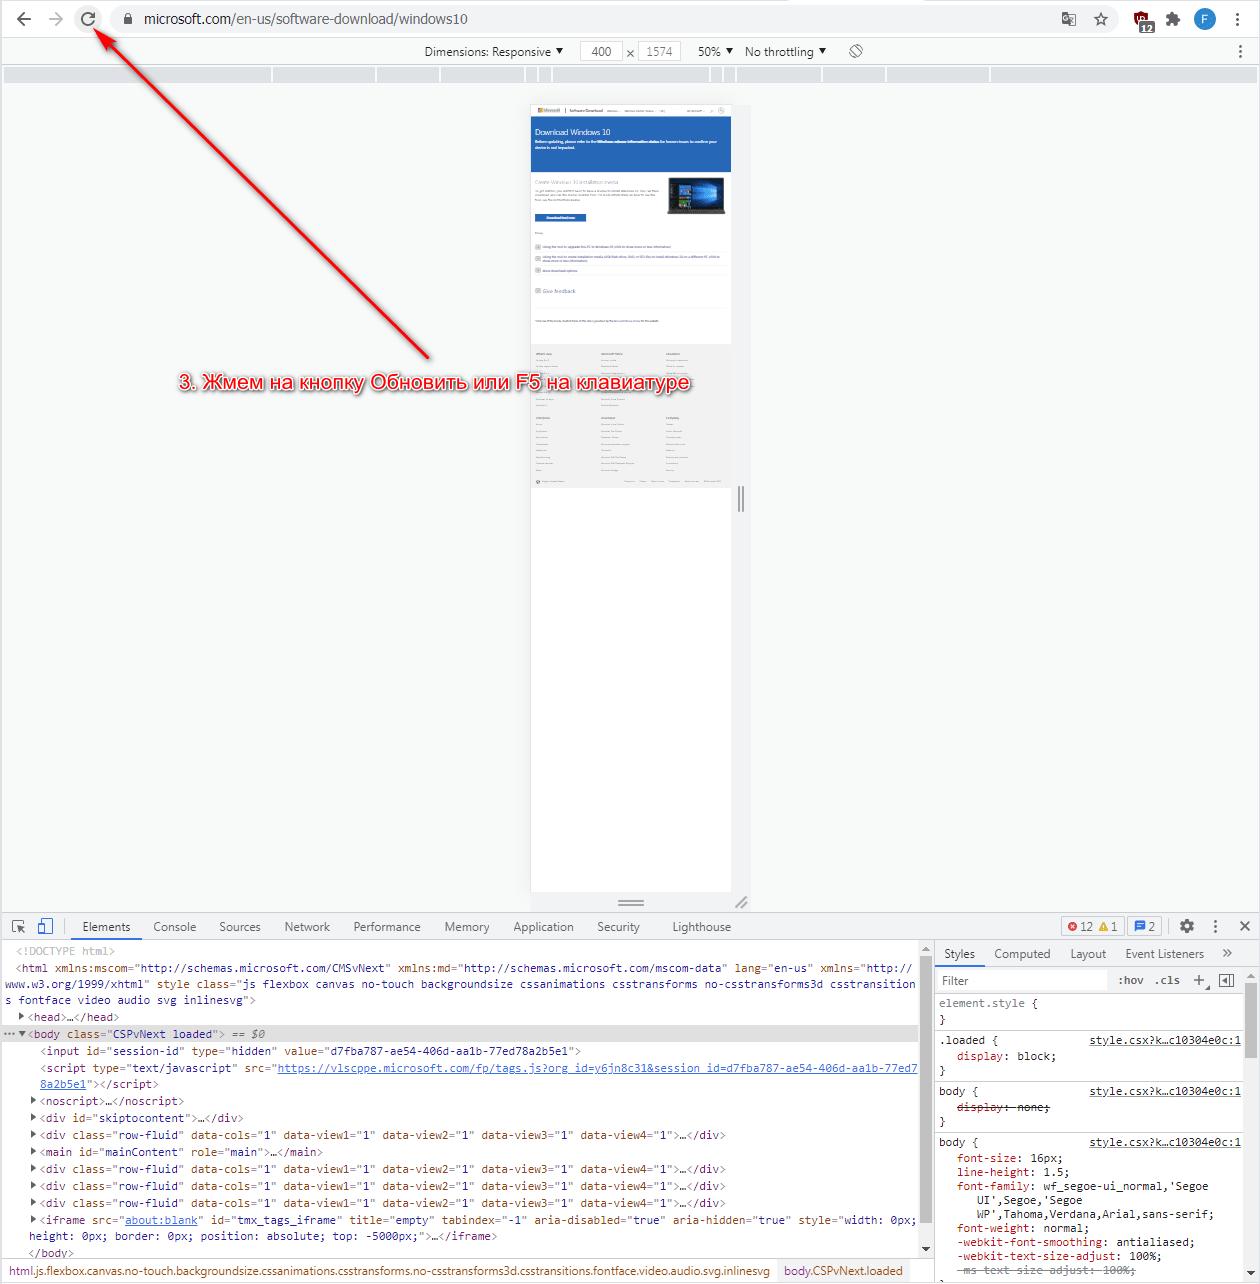 Нажмите F5 или значок обновления, чтобы перезагрузить страницу в браузере.